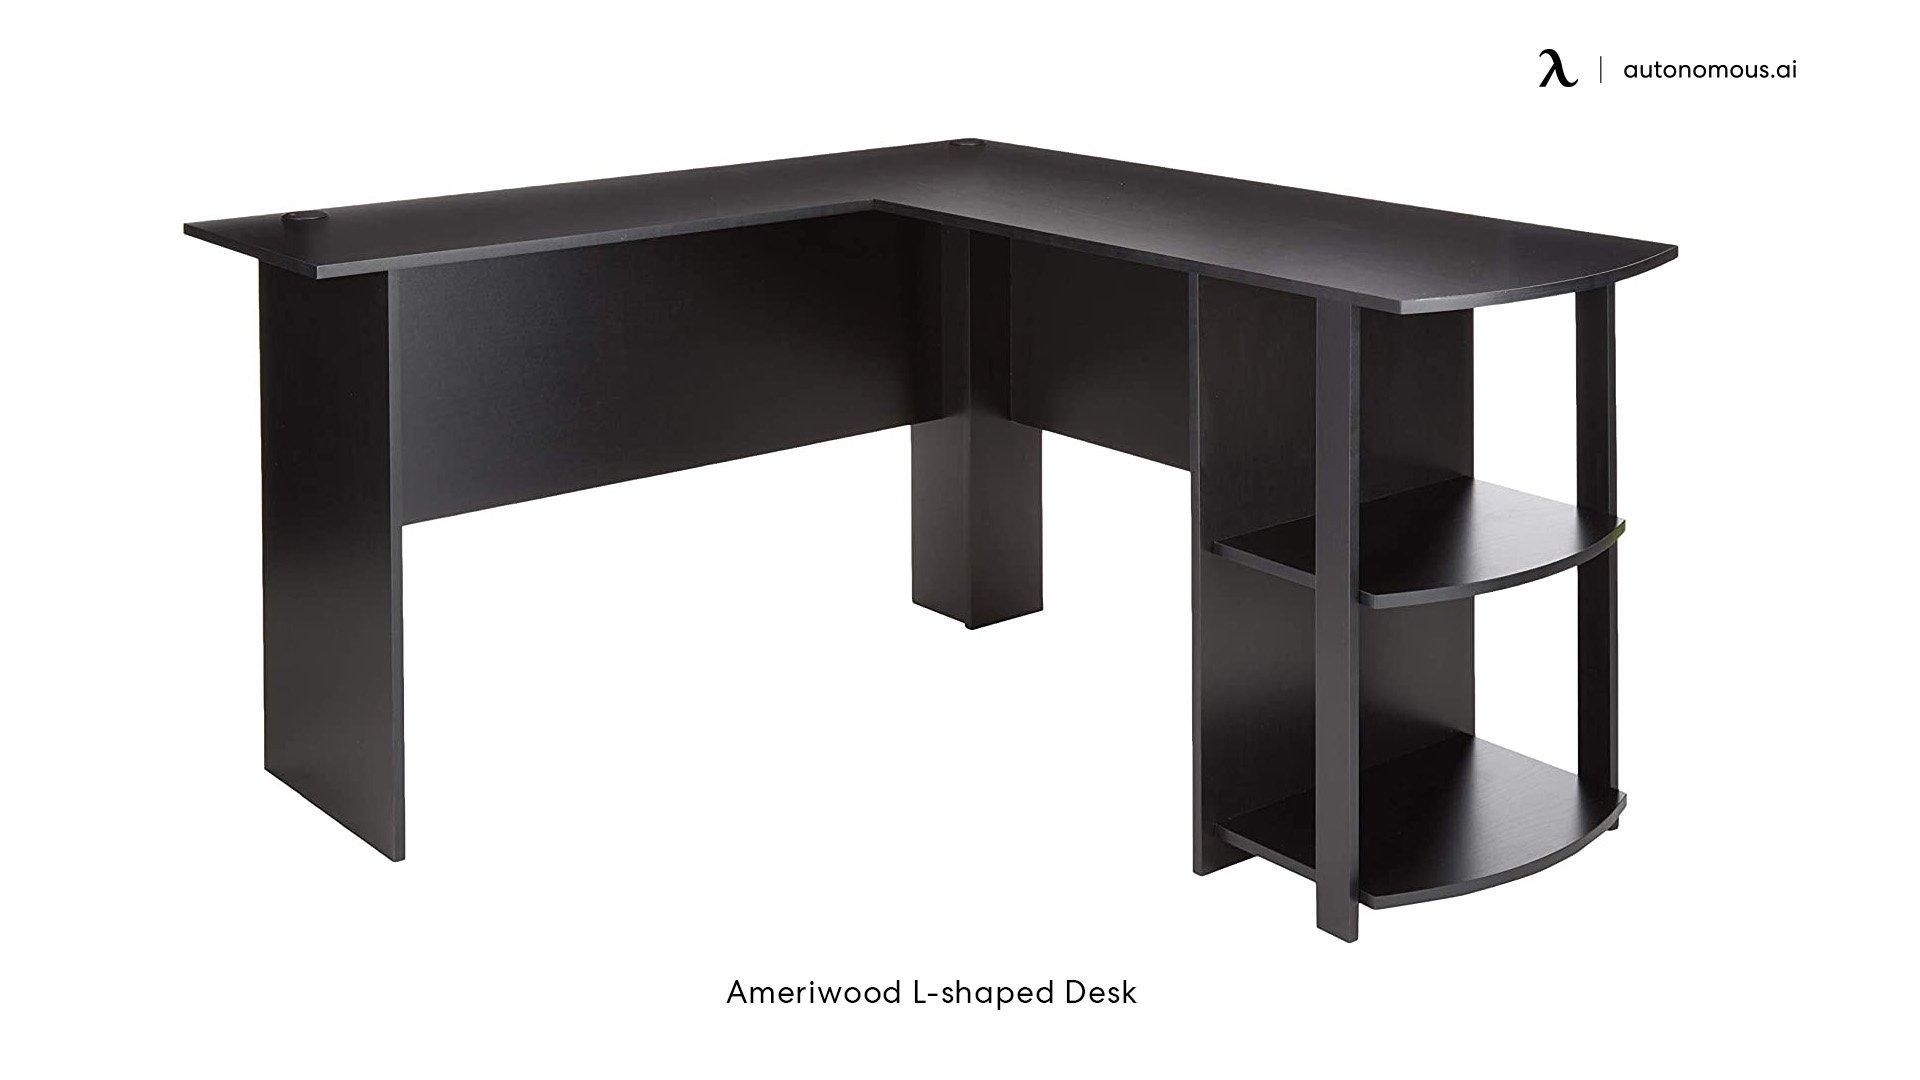 Ameriwood L-shaped Desk